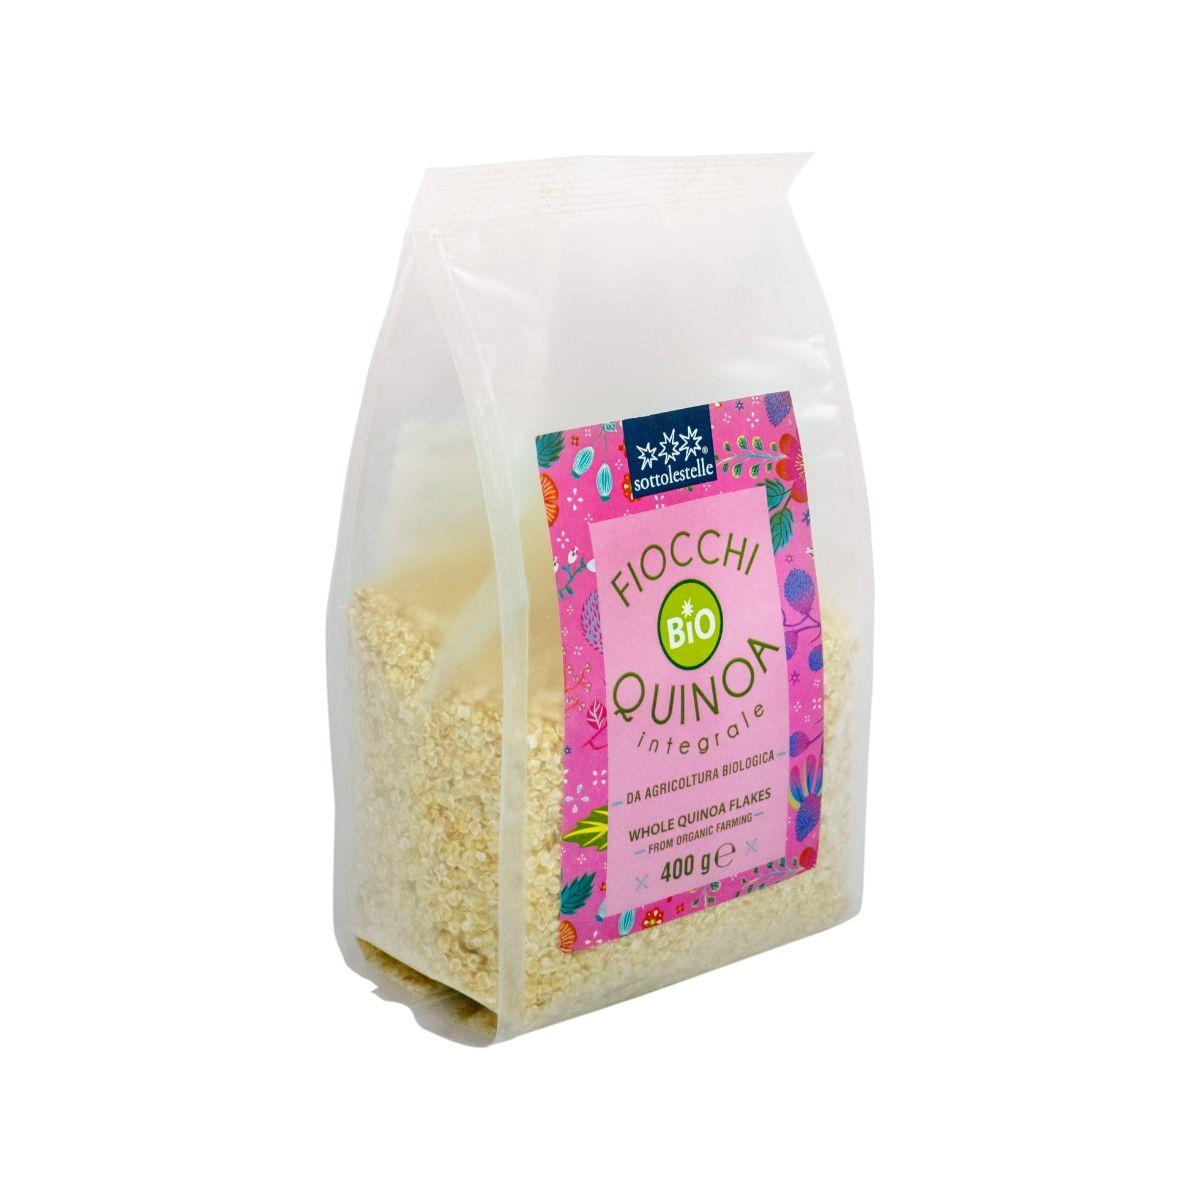 8032454070638 B Diêm mạch nguyên cám hữu cơ cán dẹp Sotto 400g - Fiocchi di Quinoa